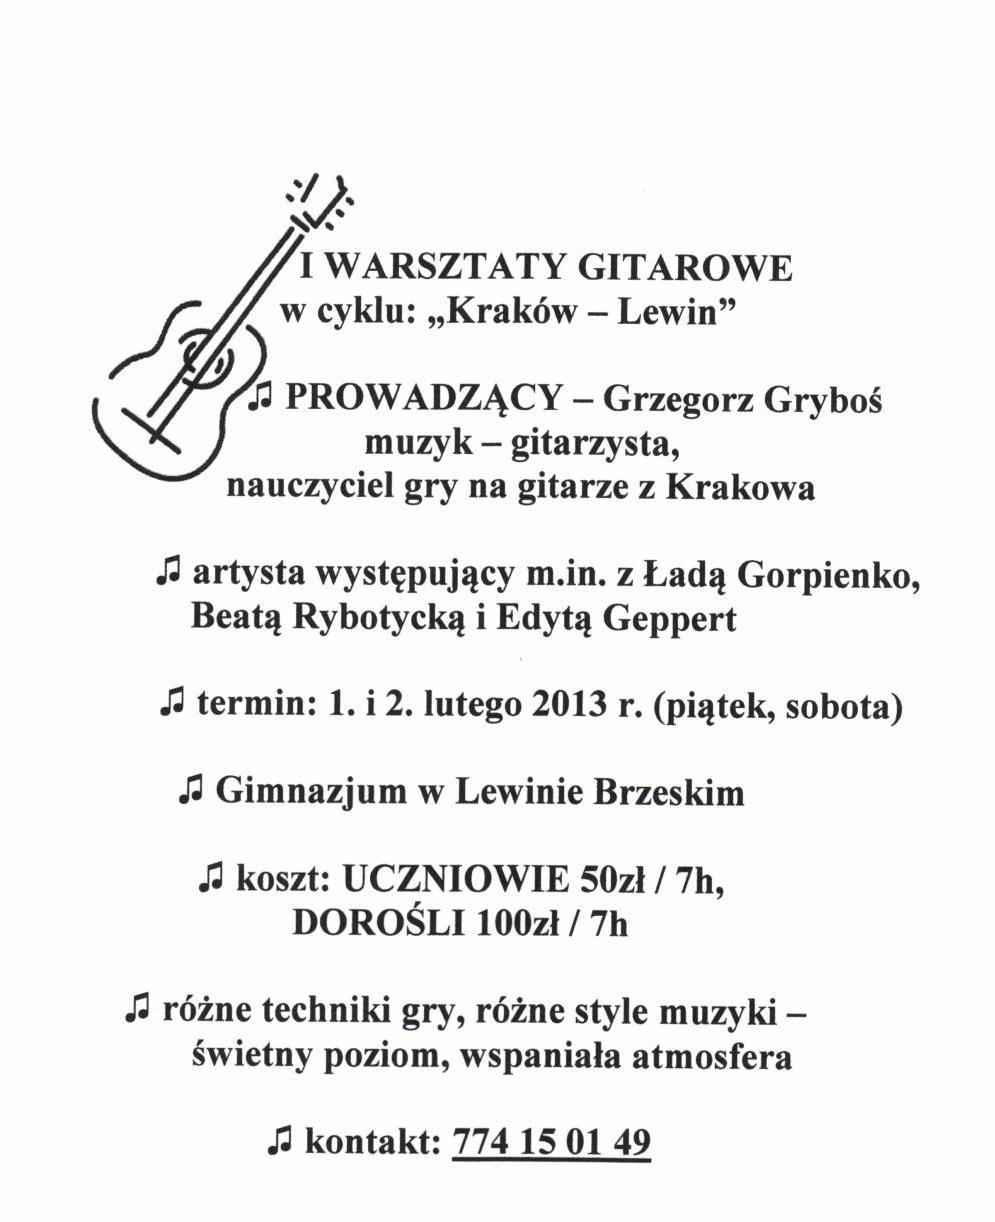 warsztaty gitarowe 1